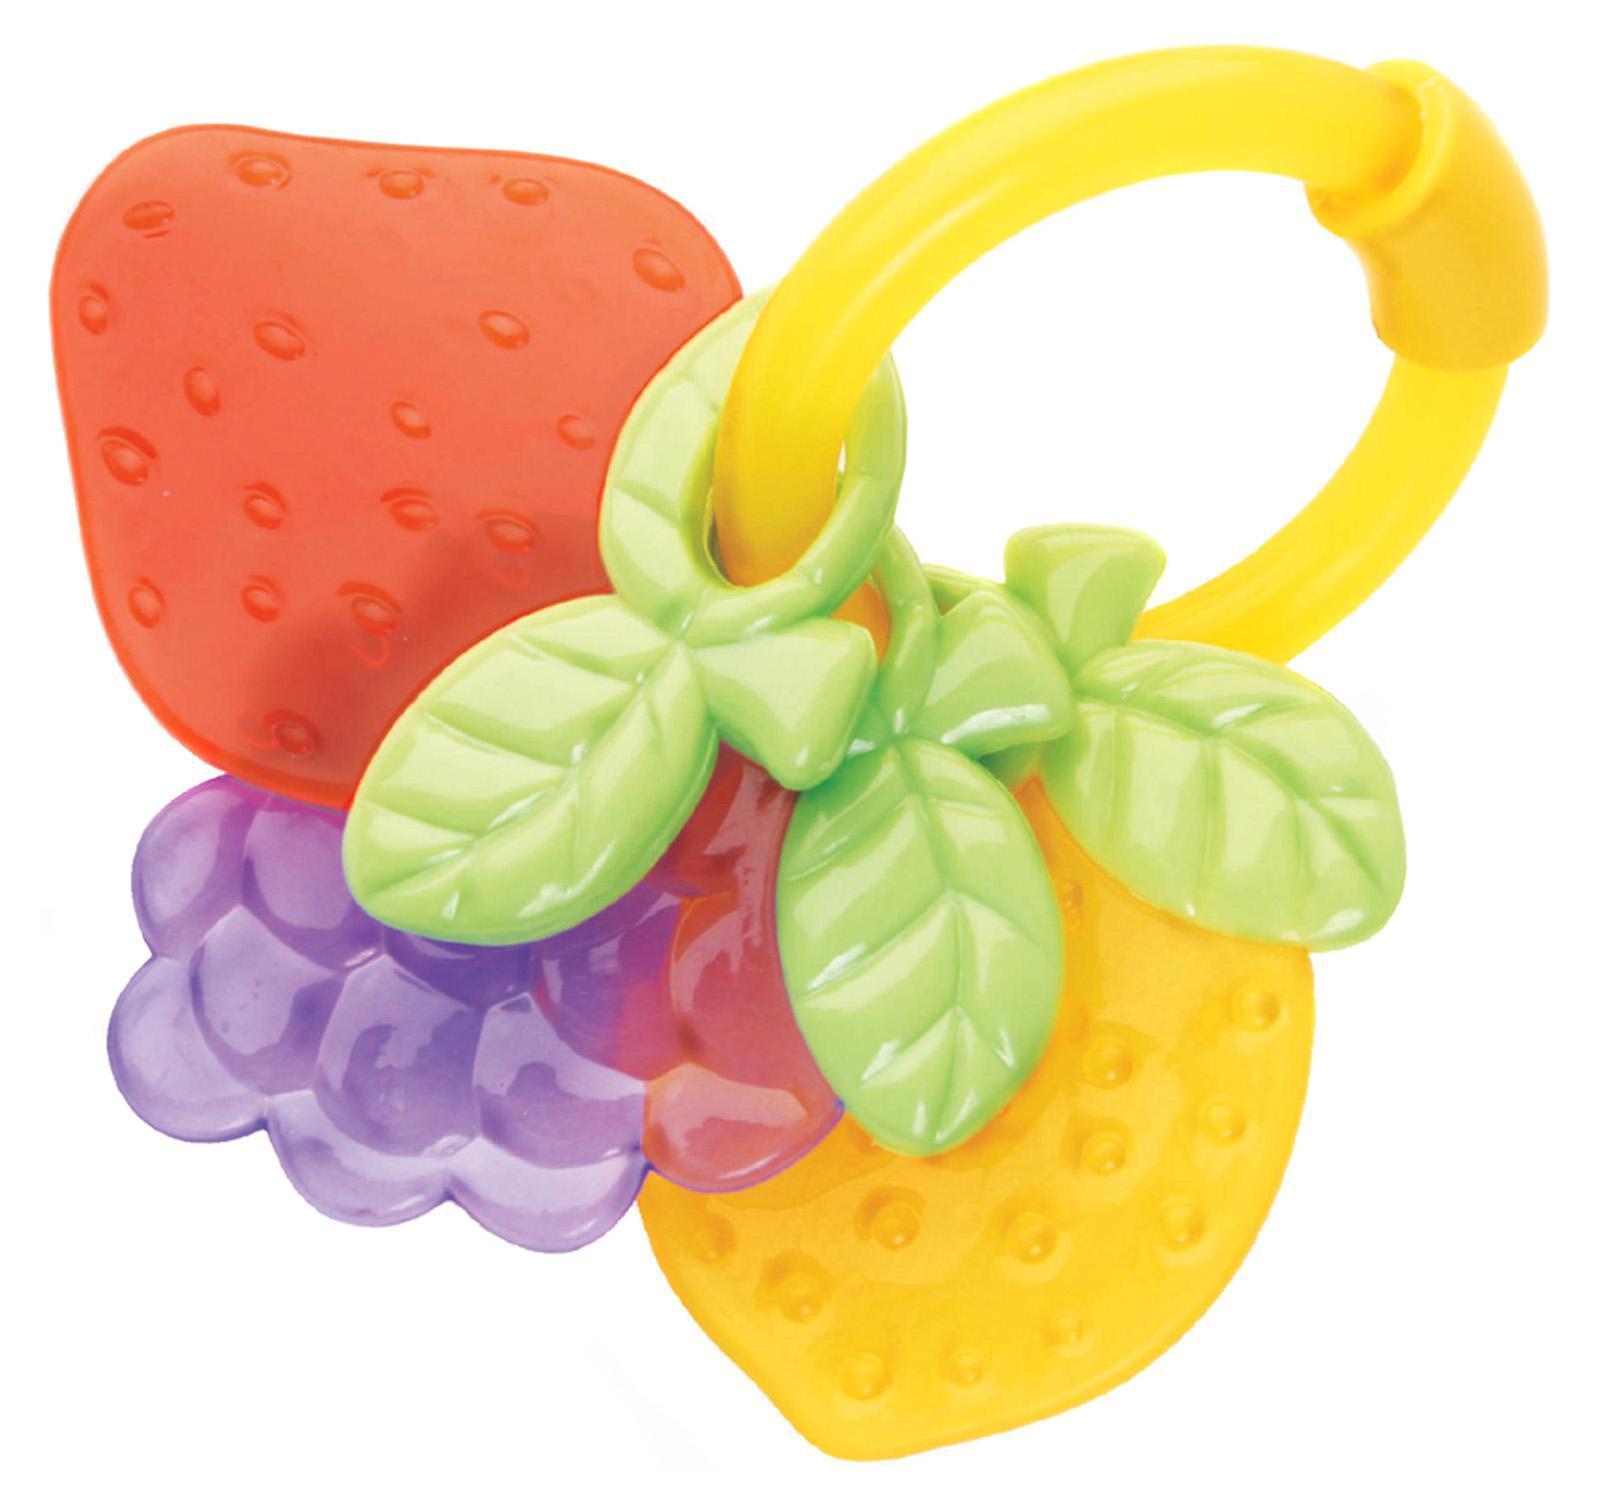 Мир детства Прорезыватель Карамельные фрукты